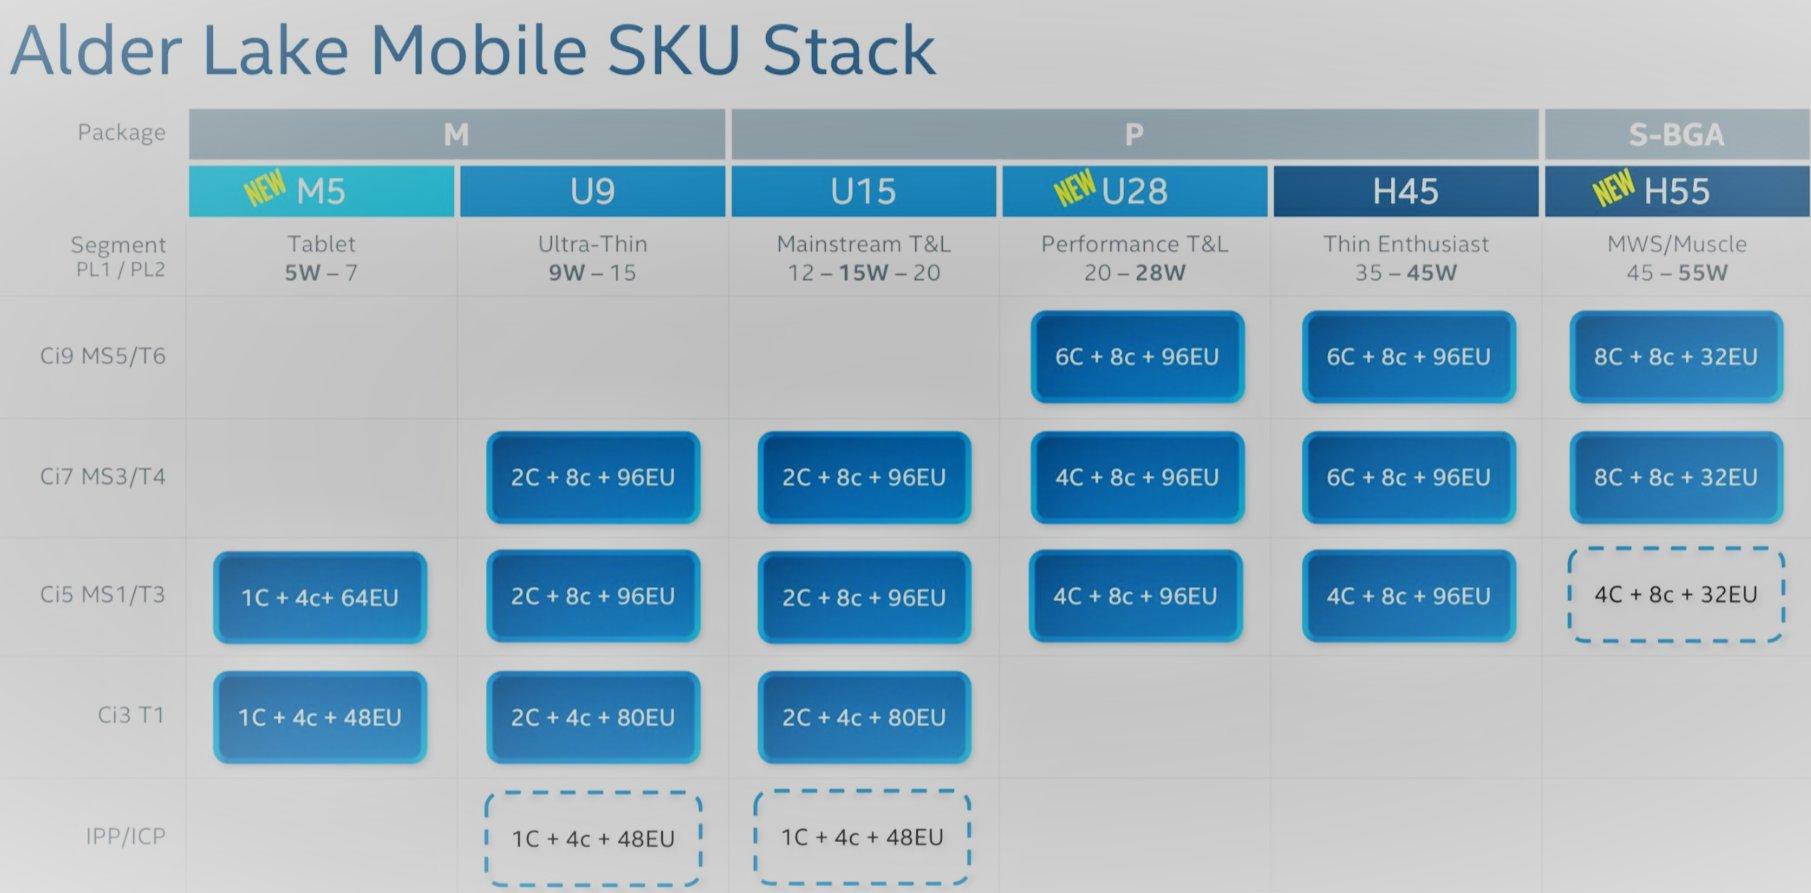 Alder Lake Mobile SKU Stack